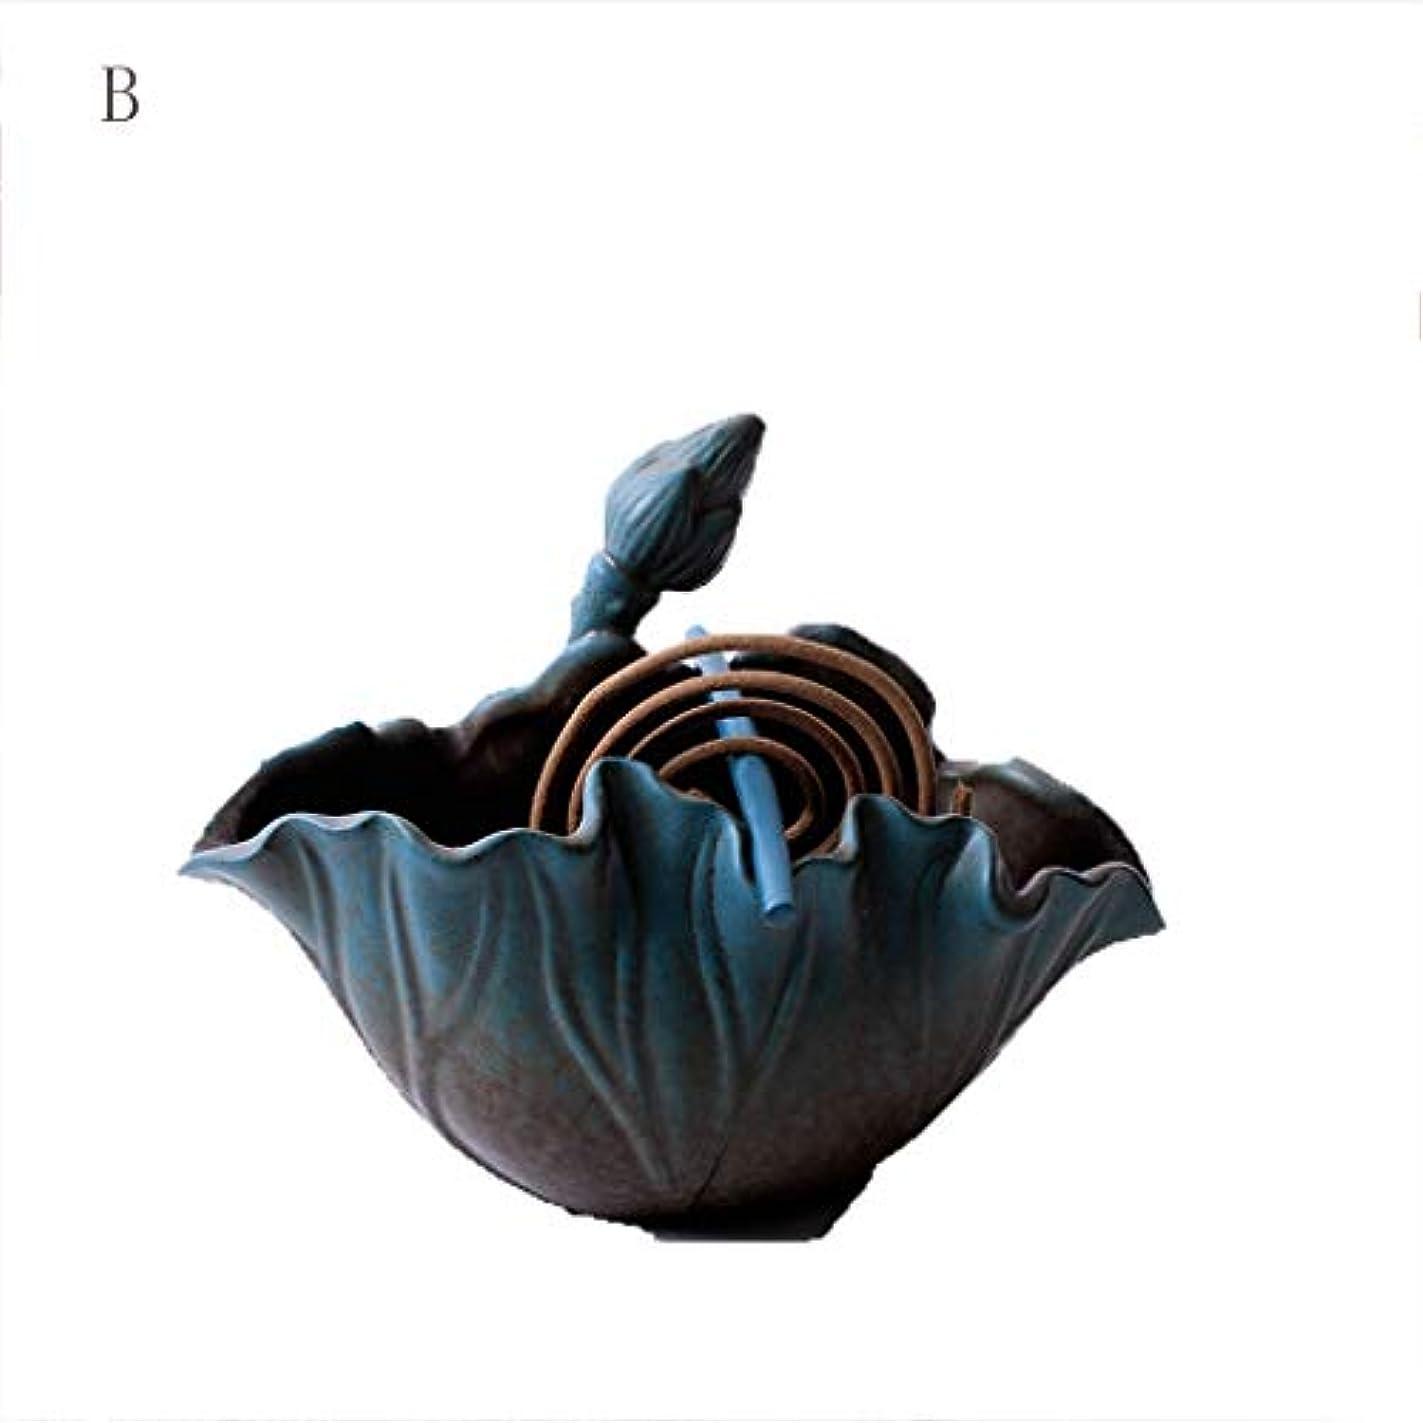 脱臼する単なる絶え間ないホームアロマバーナー クリエイティブお香バーナーロータス香インサートセラミック皿白檀炉蚊香バーナー茶道 アロマバーナー (サイズ : B)